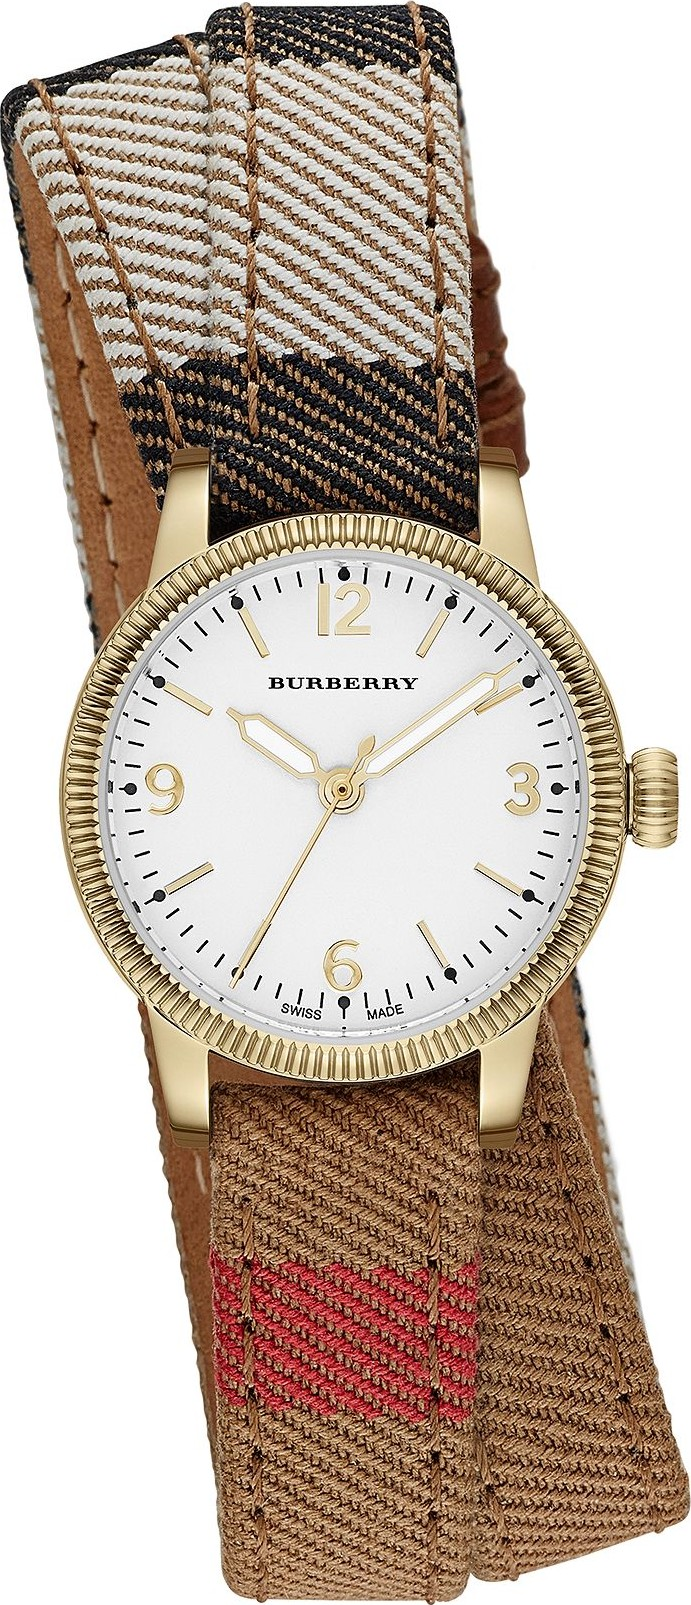 burberry chinh hang giam gia